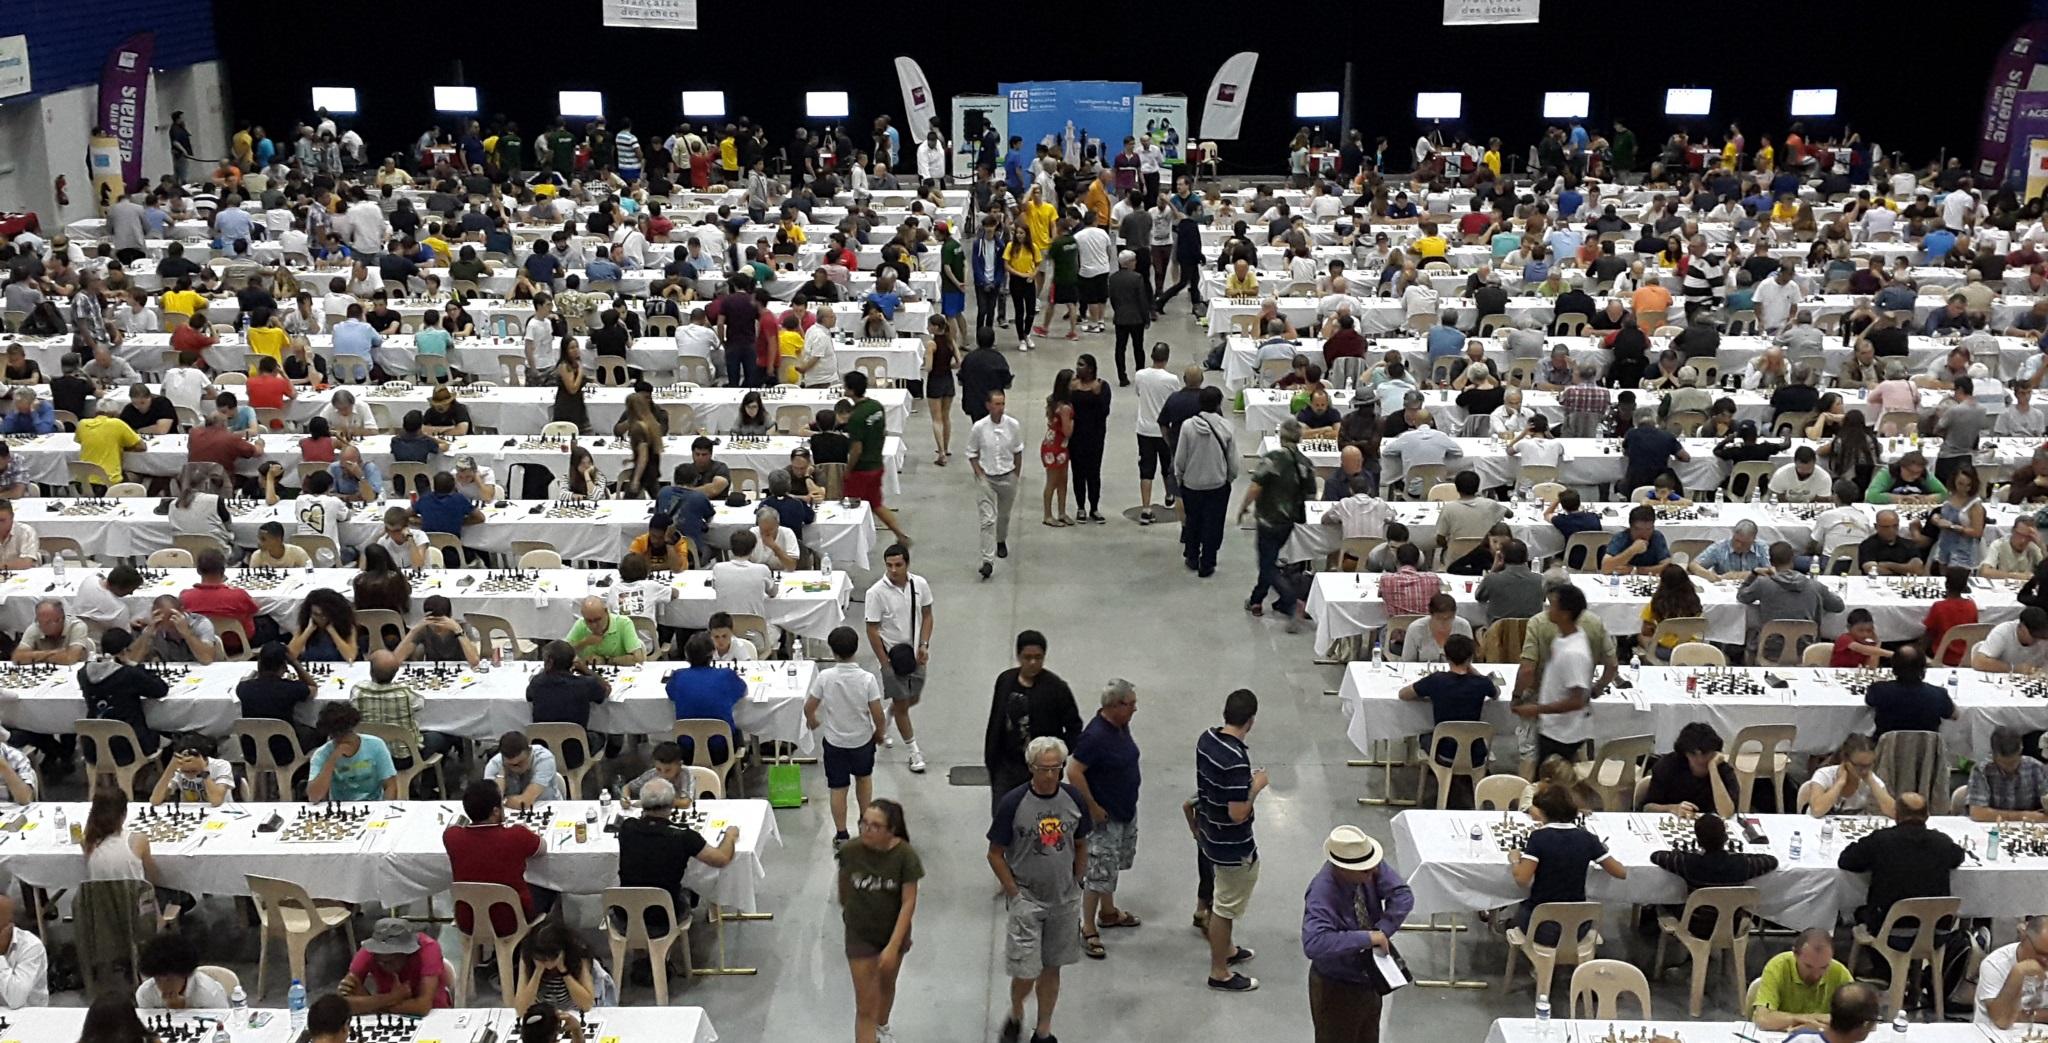 Agen 2017 est terminé, rendez-vous à Nîmes du 18 au 26 août 2018 !